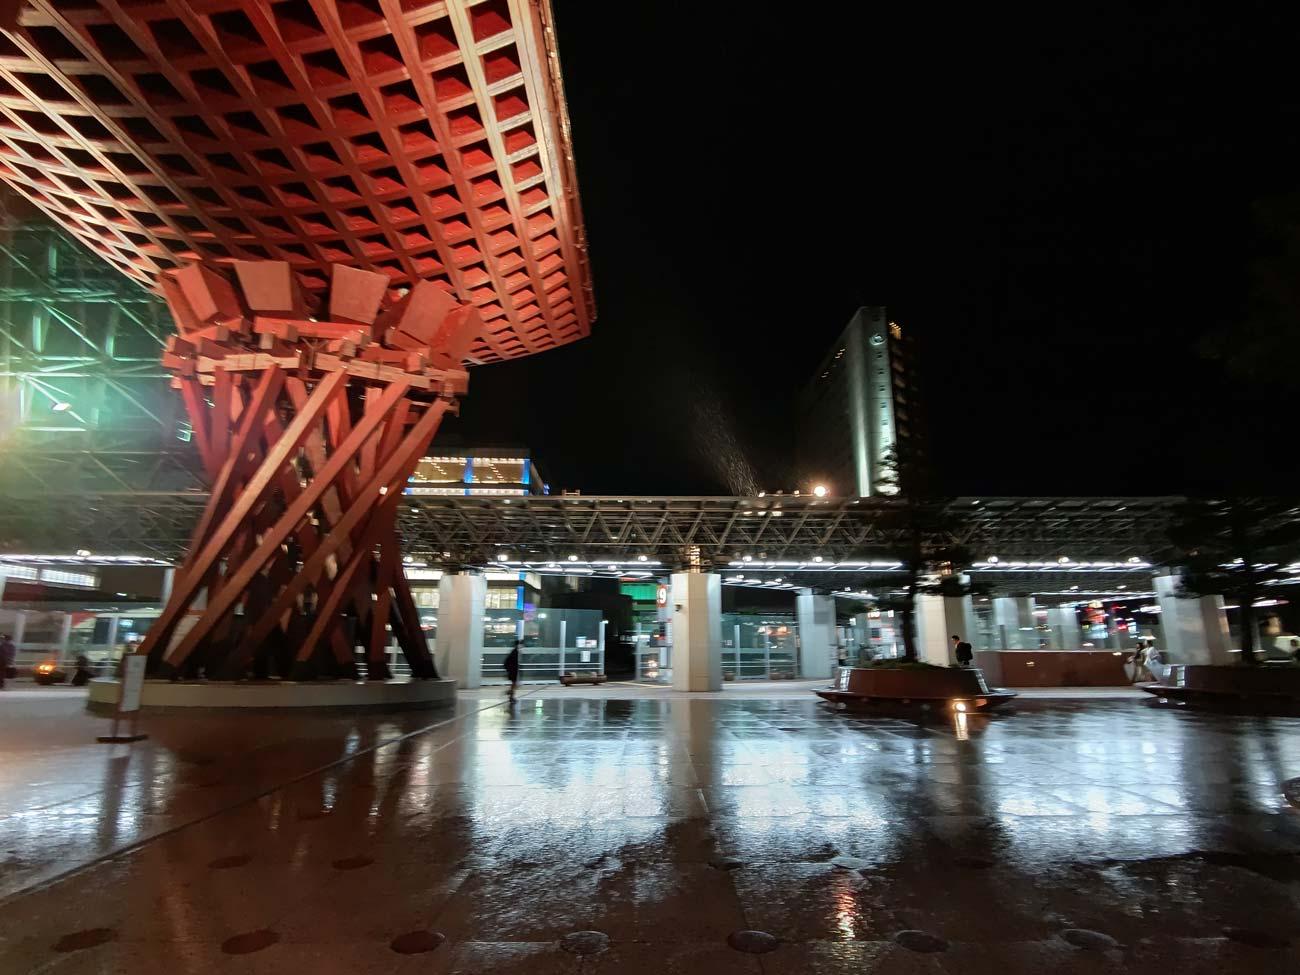 夜雨の金沢駅をAQUOS R5Gで撮影